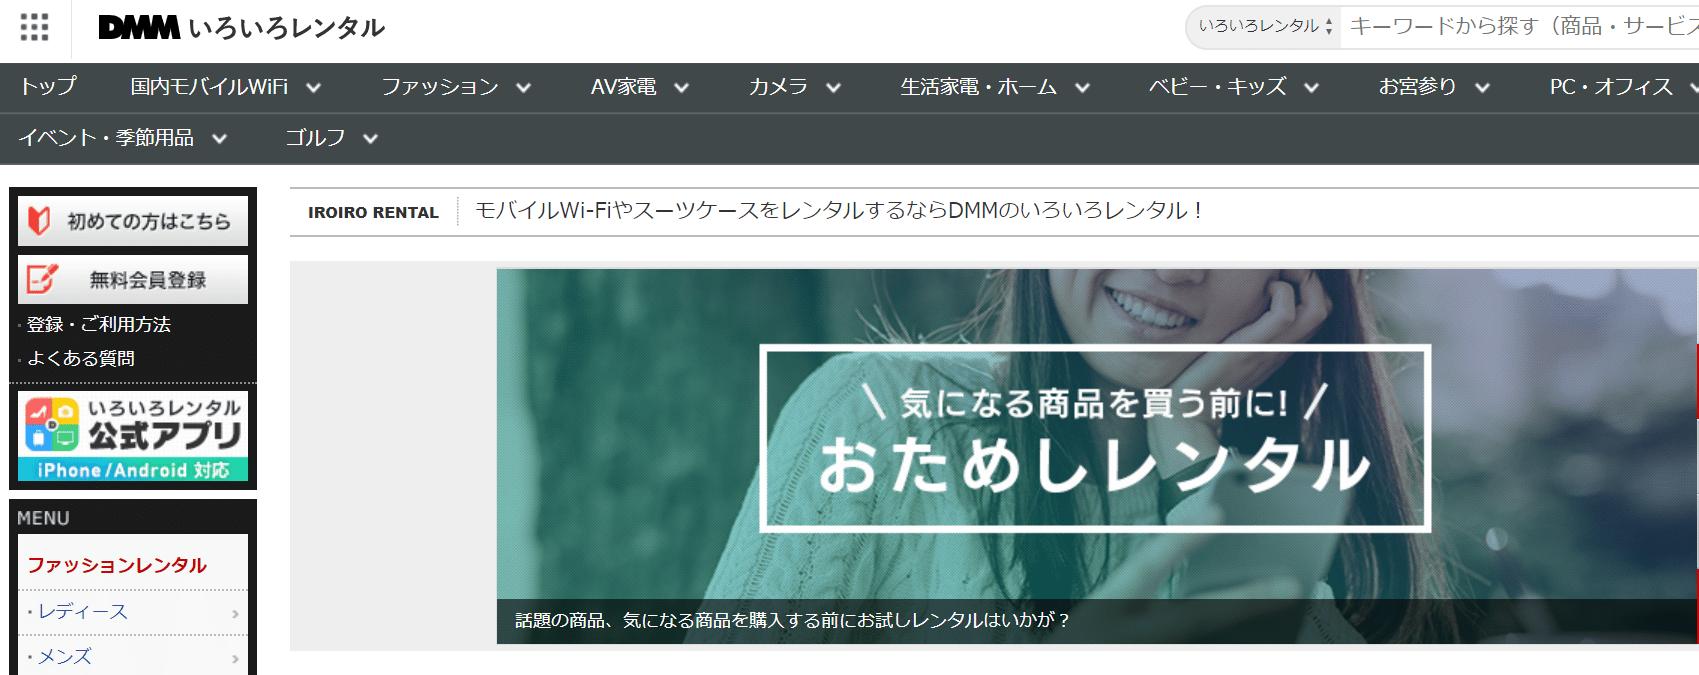 【総合レンタル】おすすめレンタルサービス10:DMMいろいろレンタル